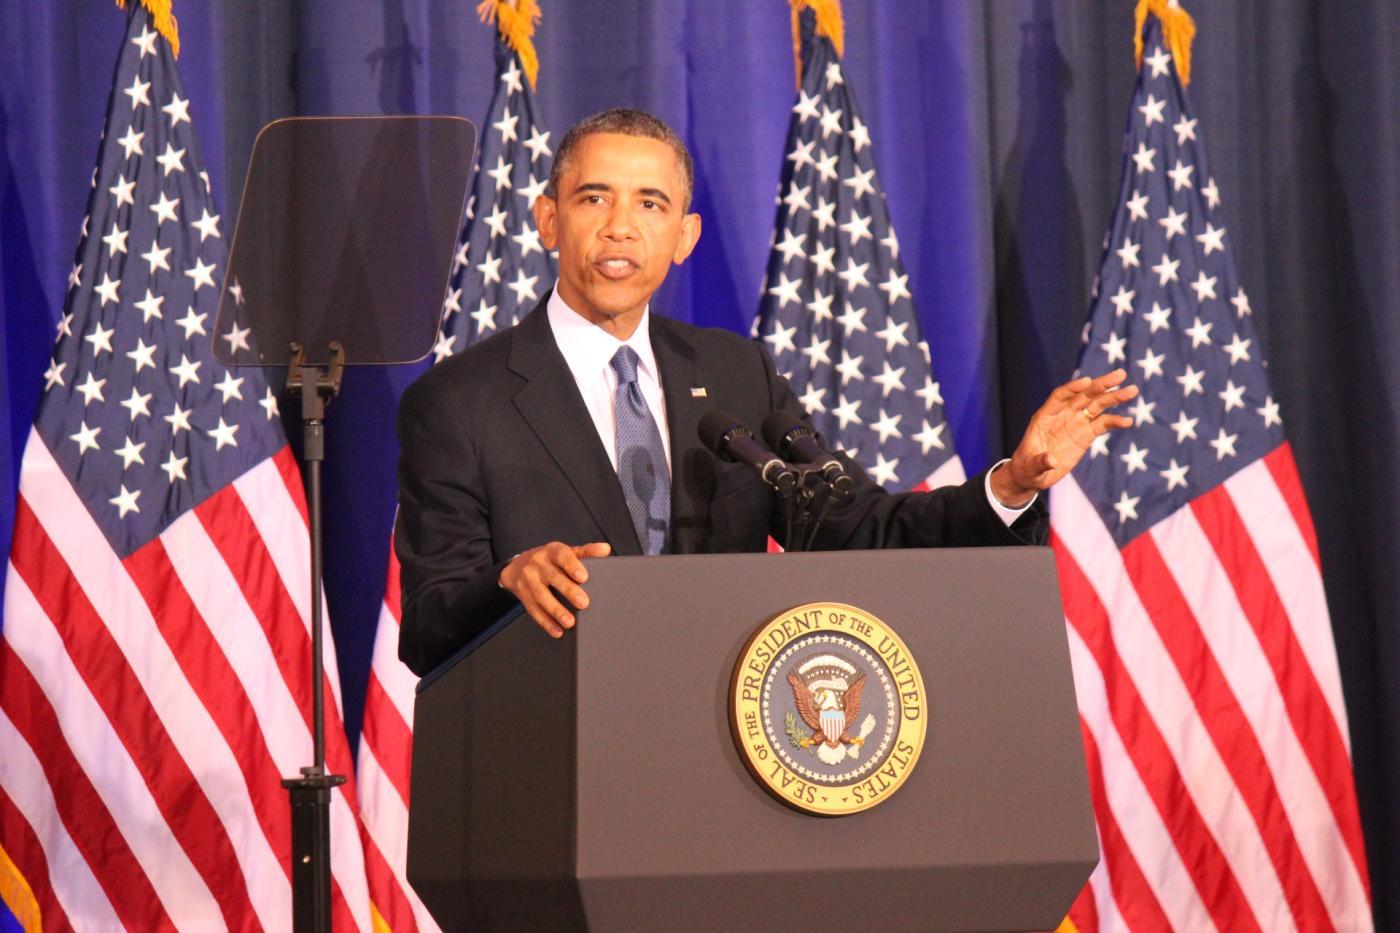 Jól látható Barack Obama nyakában egy lemúriai kristály.